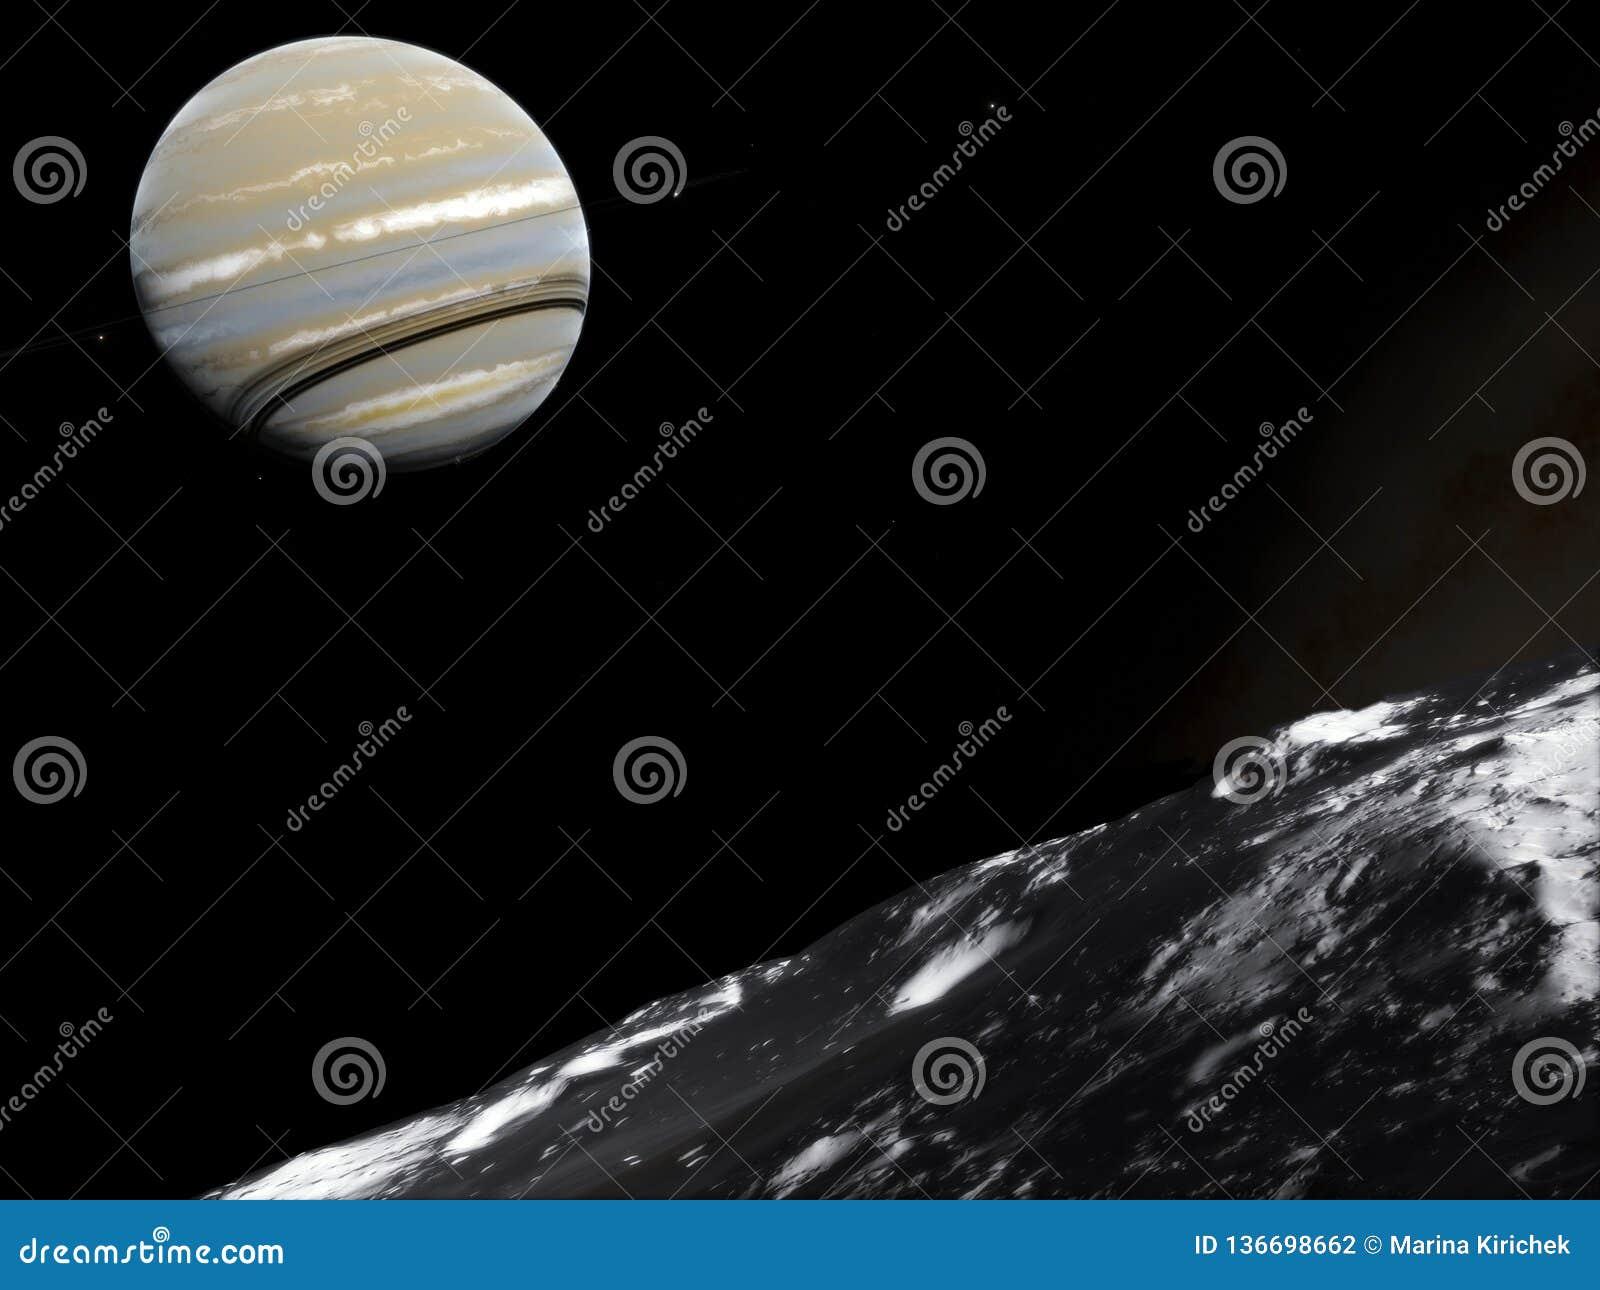 Saturnus Science fiction ruimtebehang, ongelooflijk mooie planeten, melkwegen, donkere en koude schoonheid van eindeloos